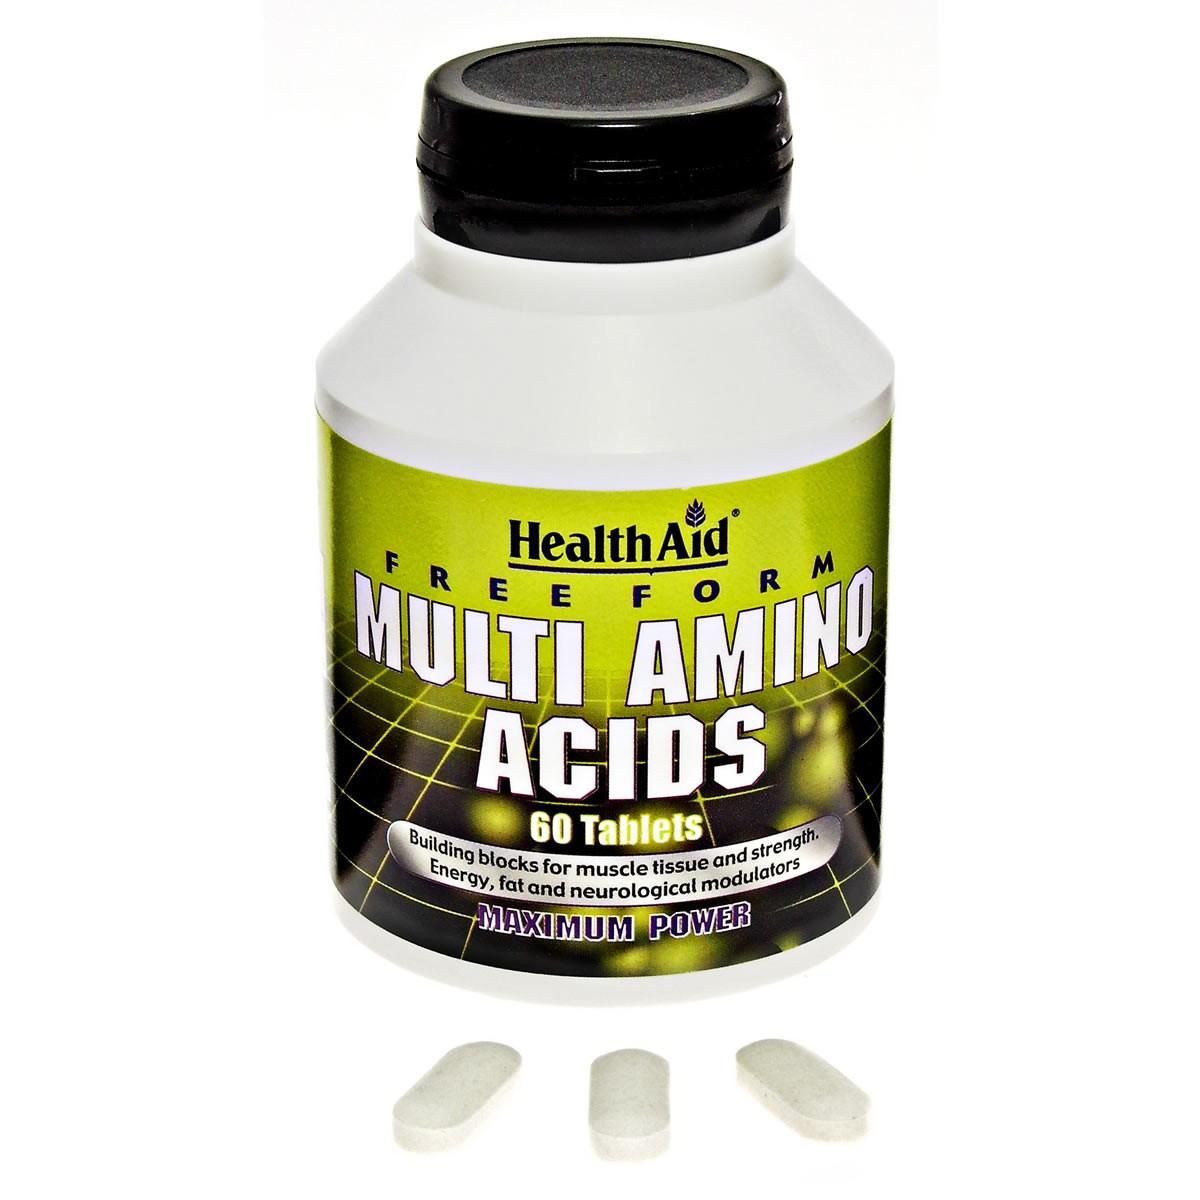 HealthAid Free Form Multi Amino Acids